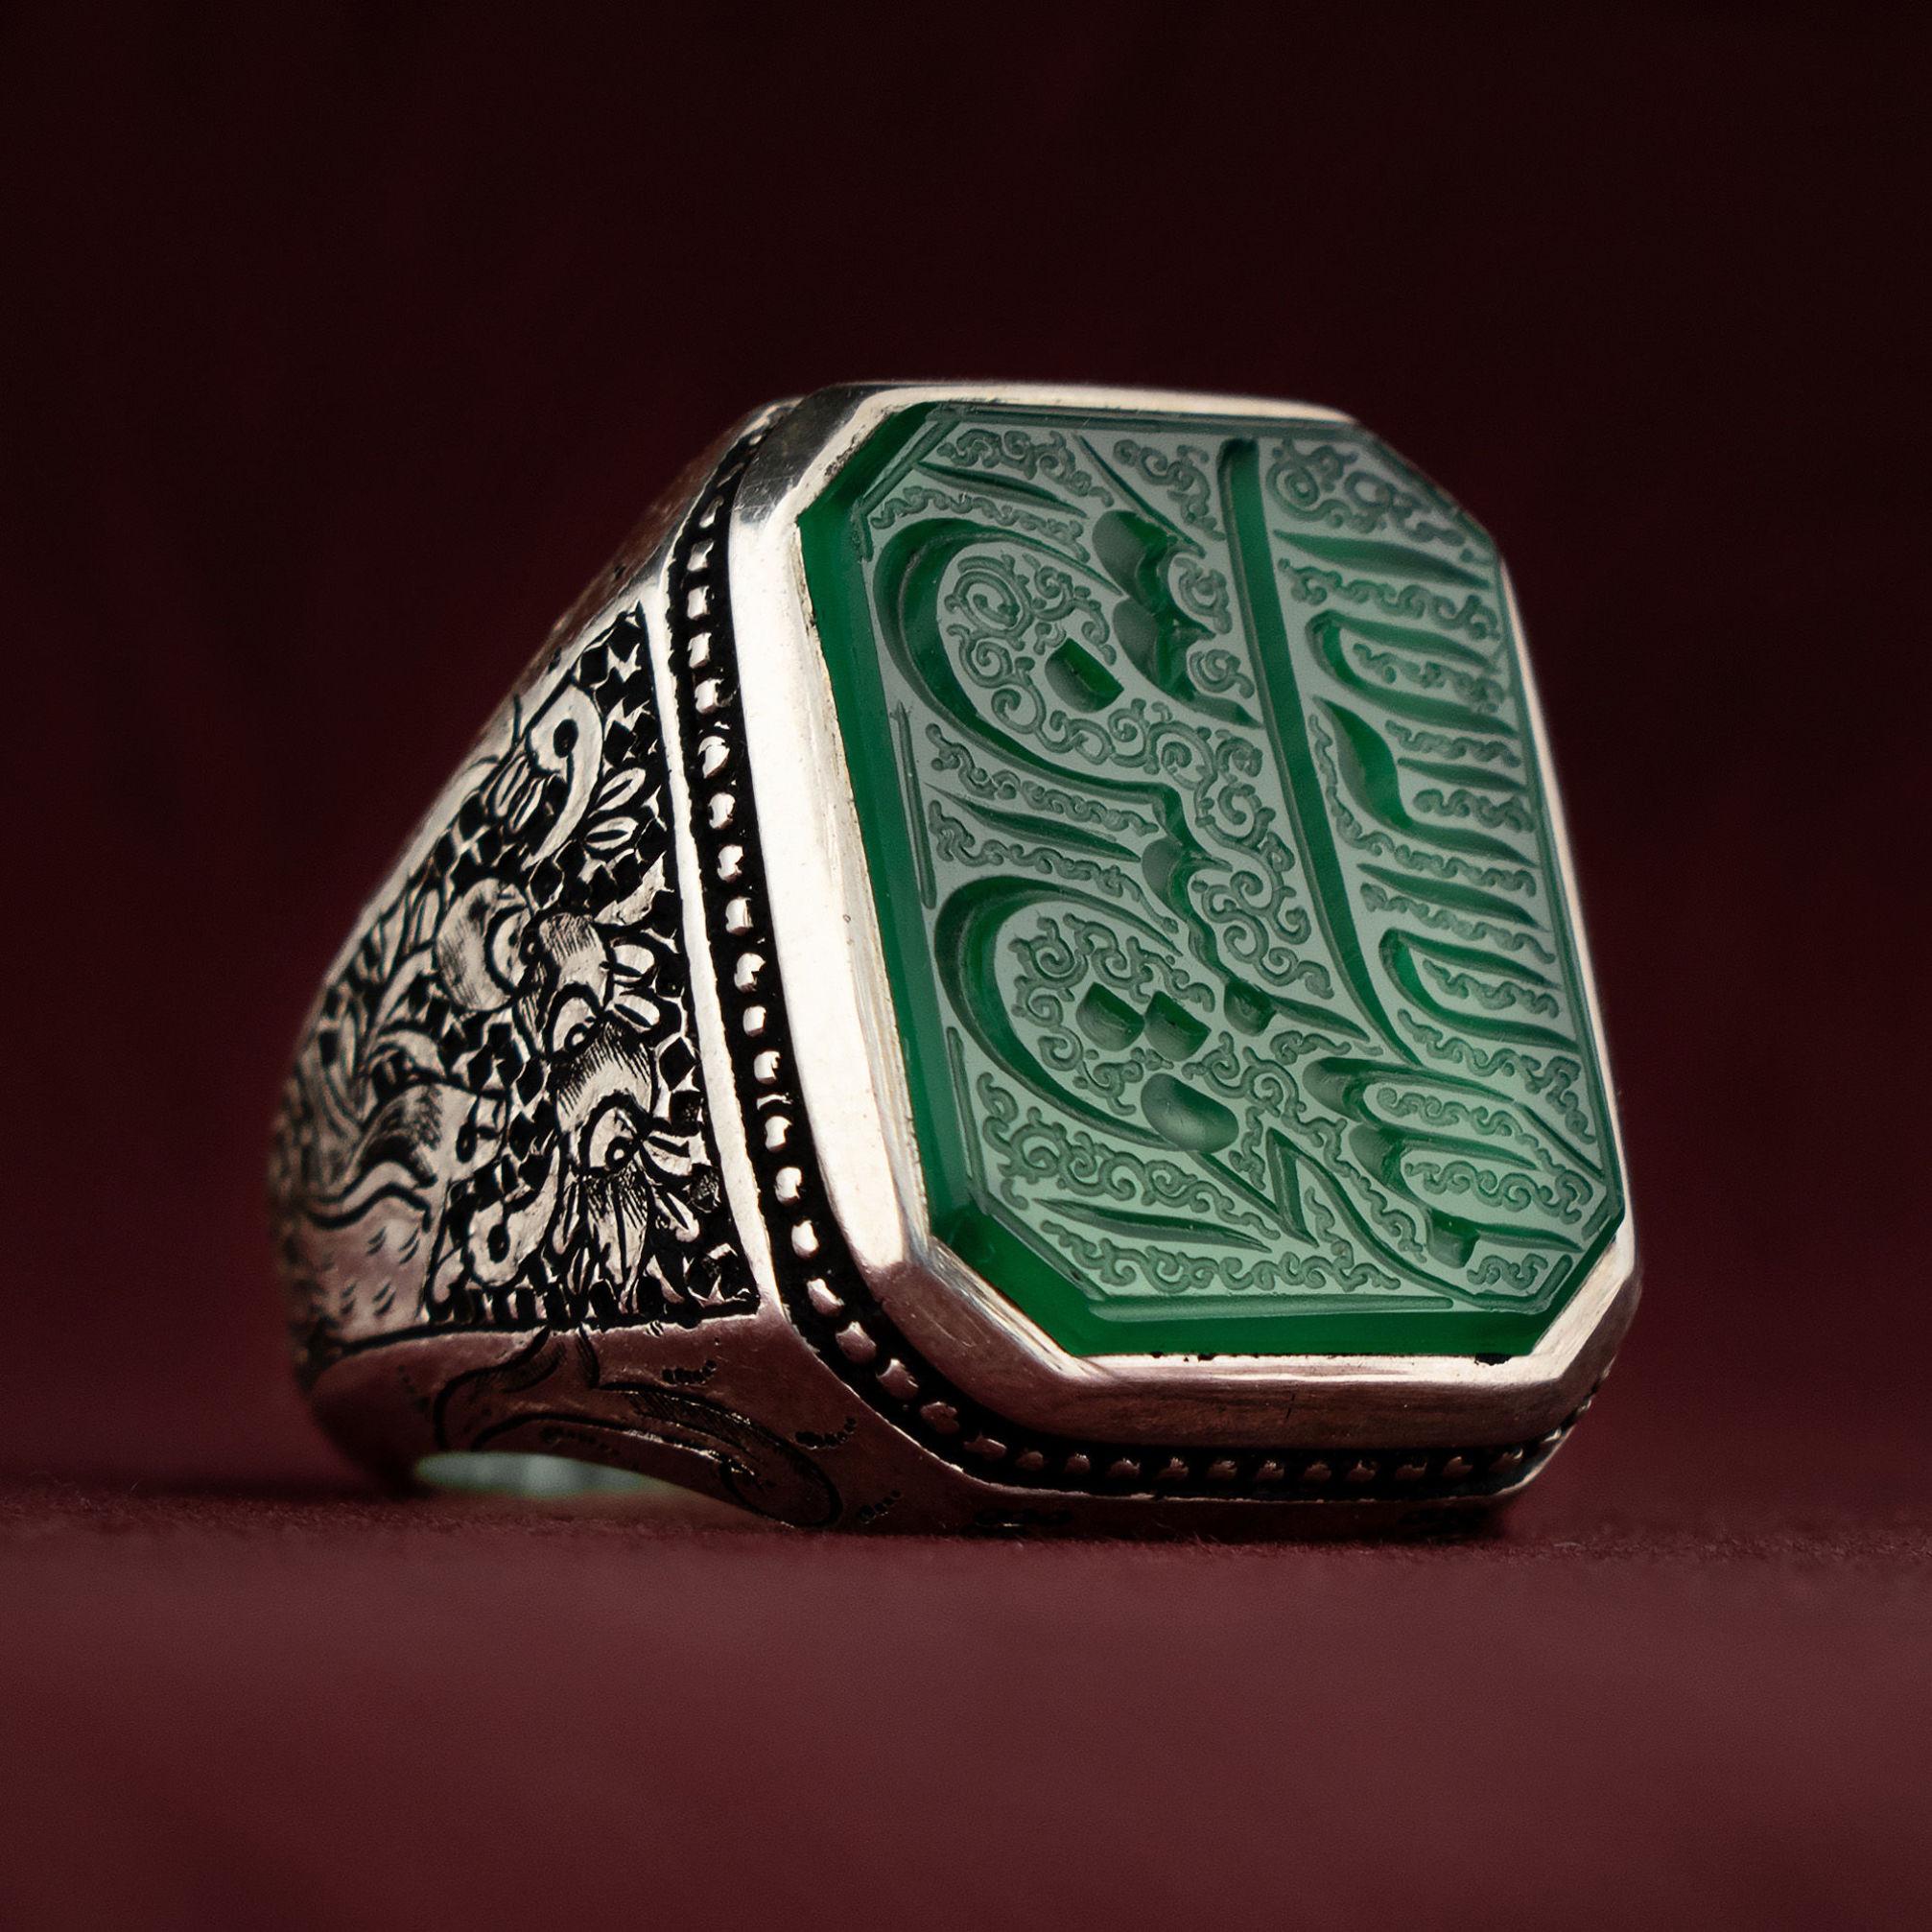 انگشتر نقره مردانه عقیق سبز خطی دست ساز